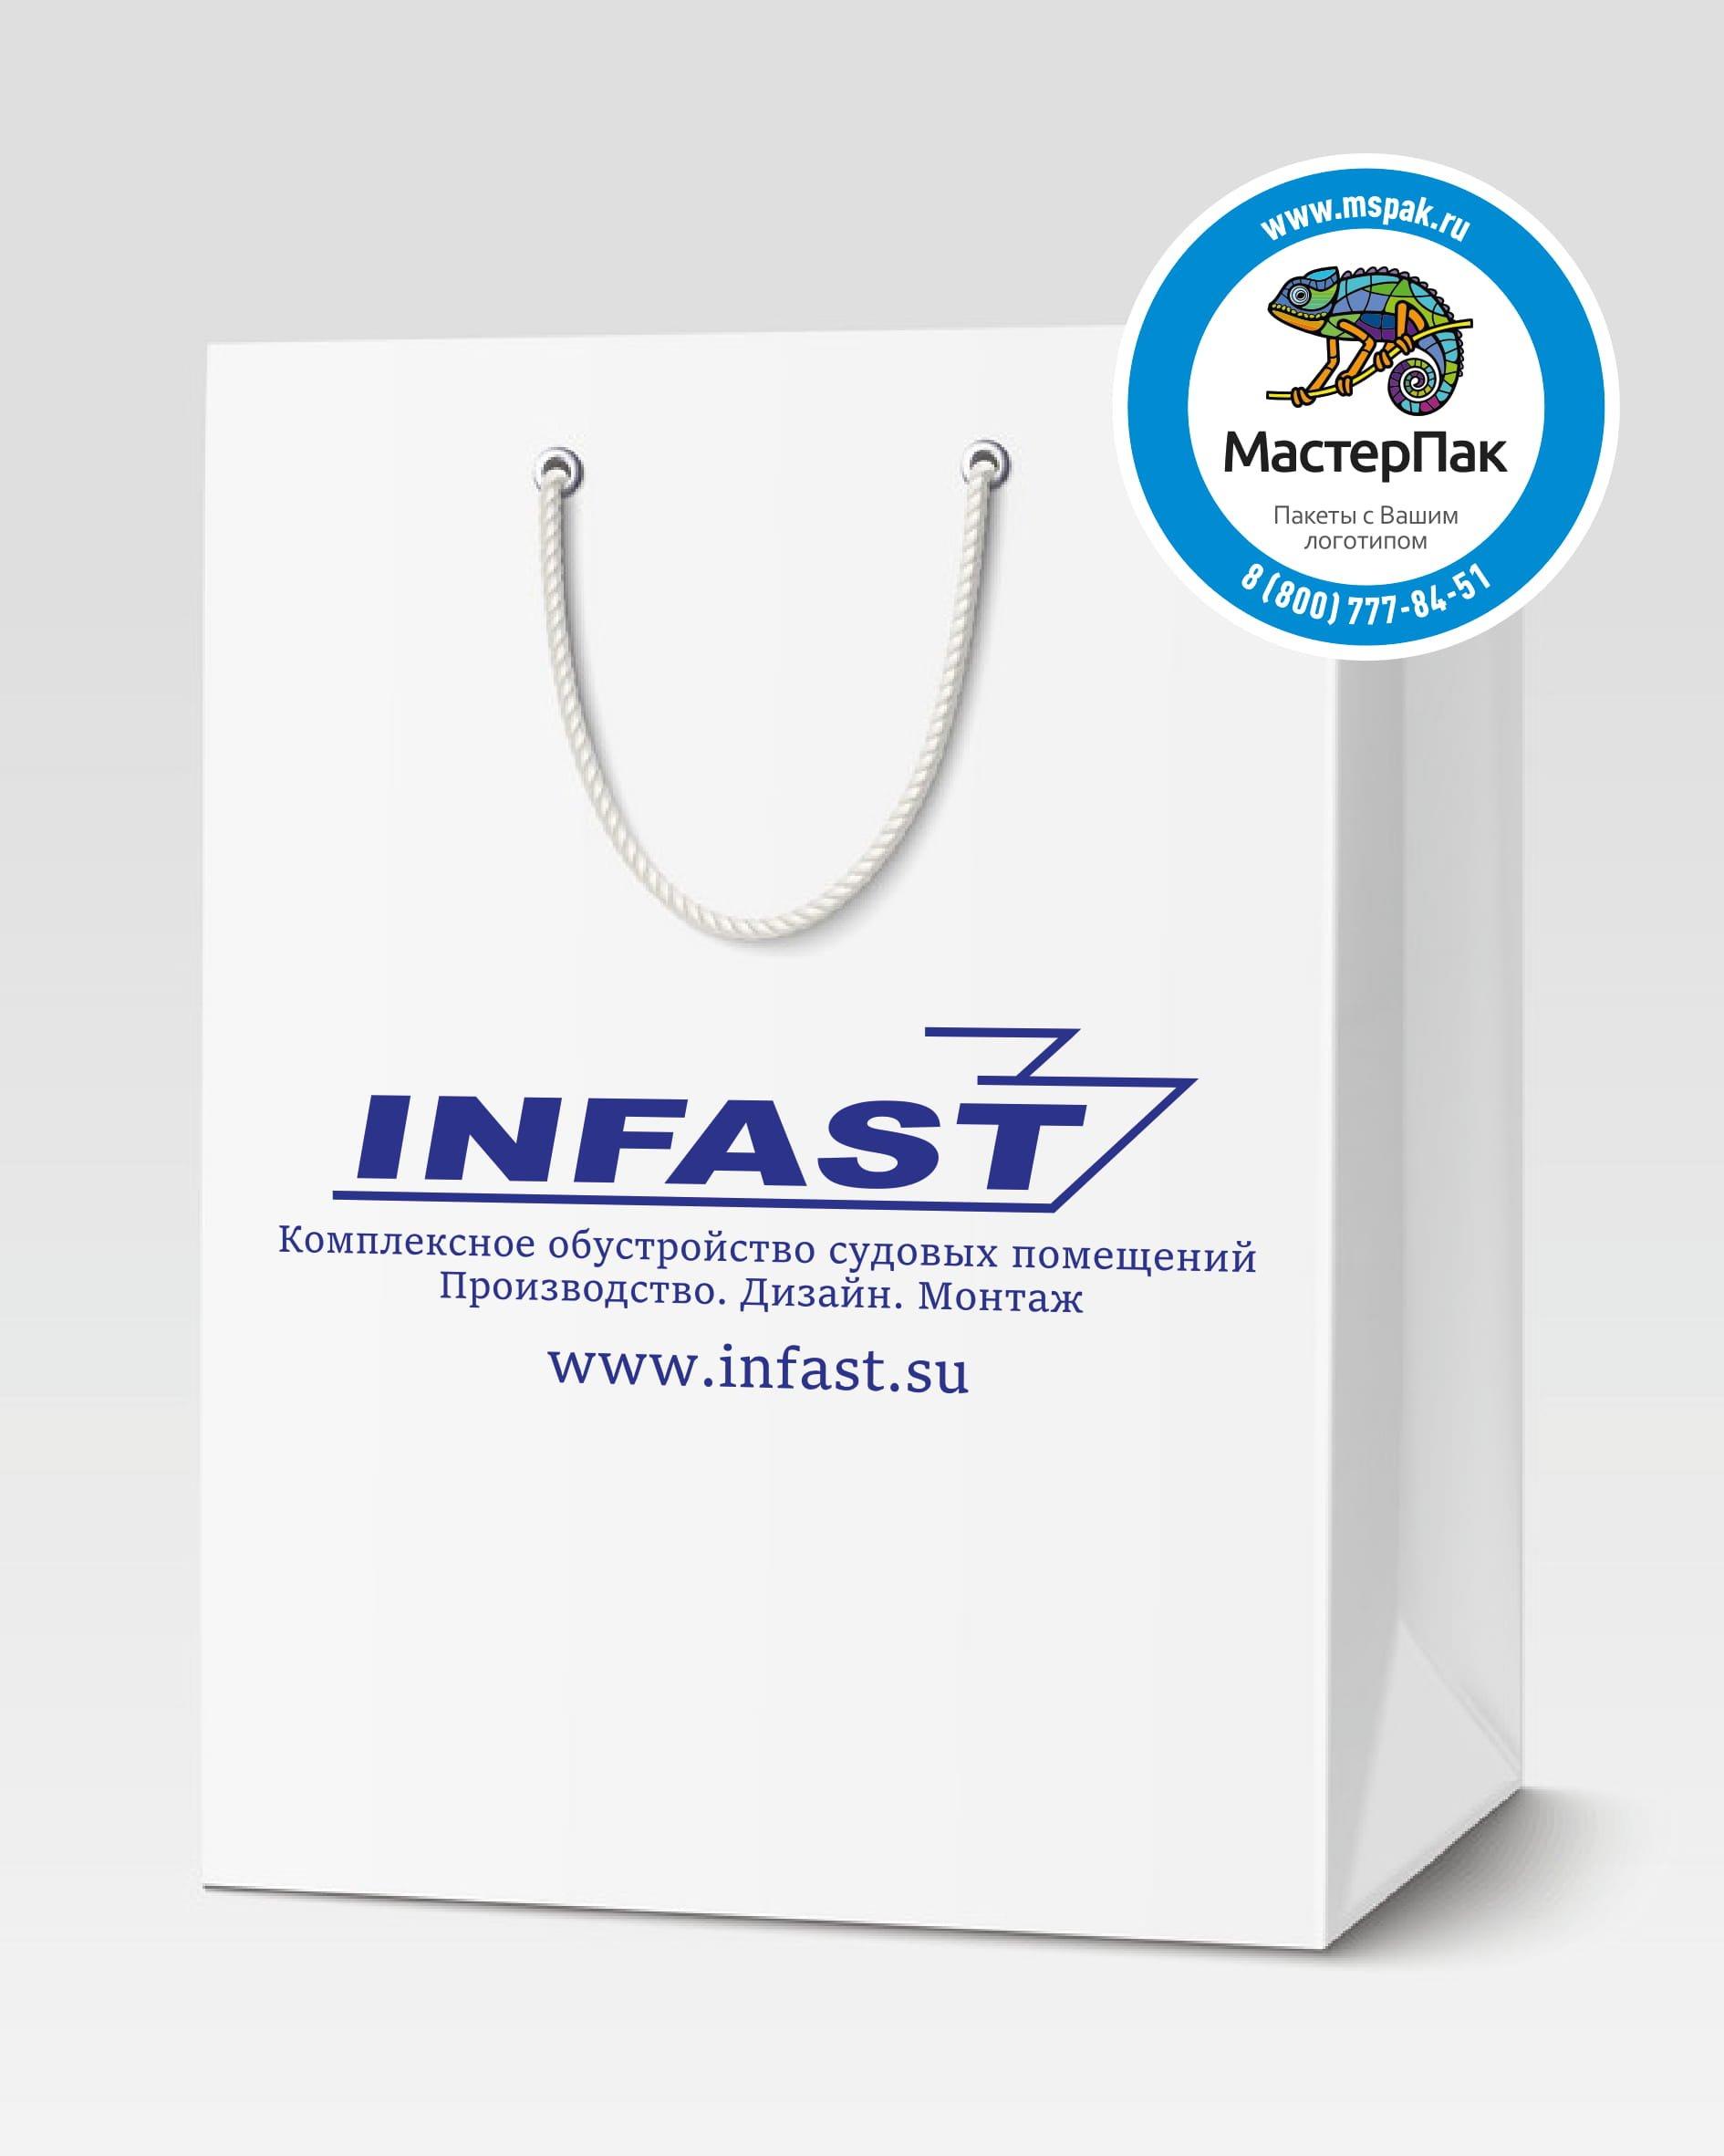 Пакет подарочный, бумажный с логотипом Infast, Спб, 30*40, люверсы